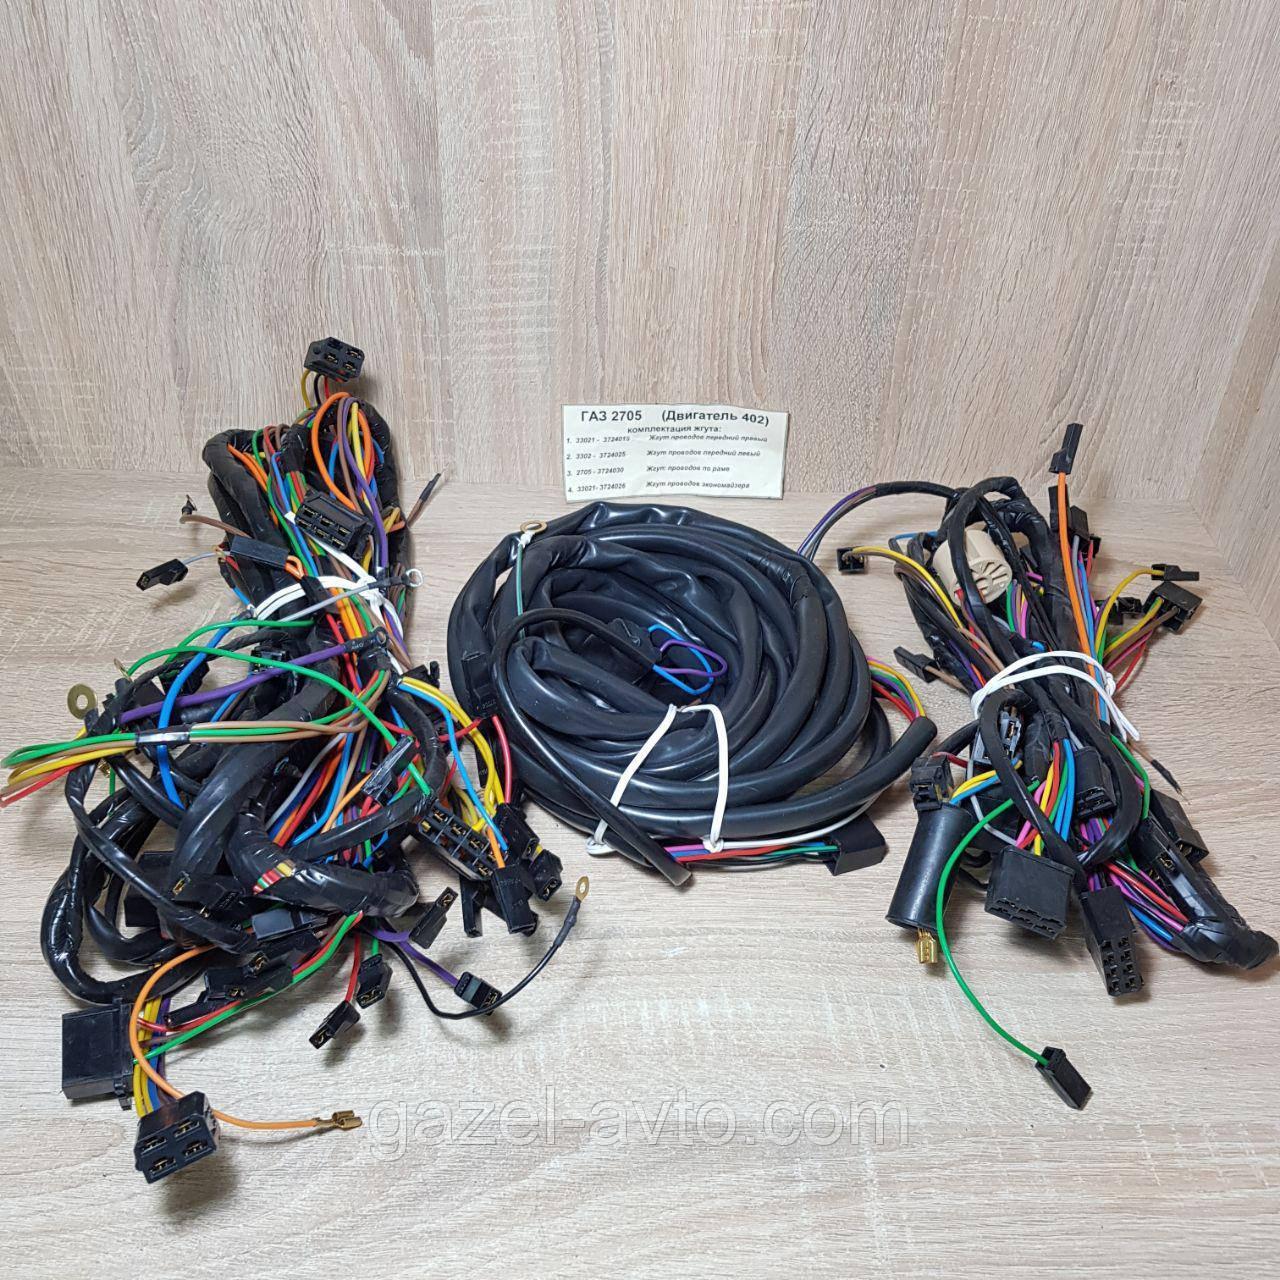 Жгут проводов (проводка) Газель дв.402 (цельномет)  (разъём задн. фонаря прямоугольный с/о) (пр-во Россия)